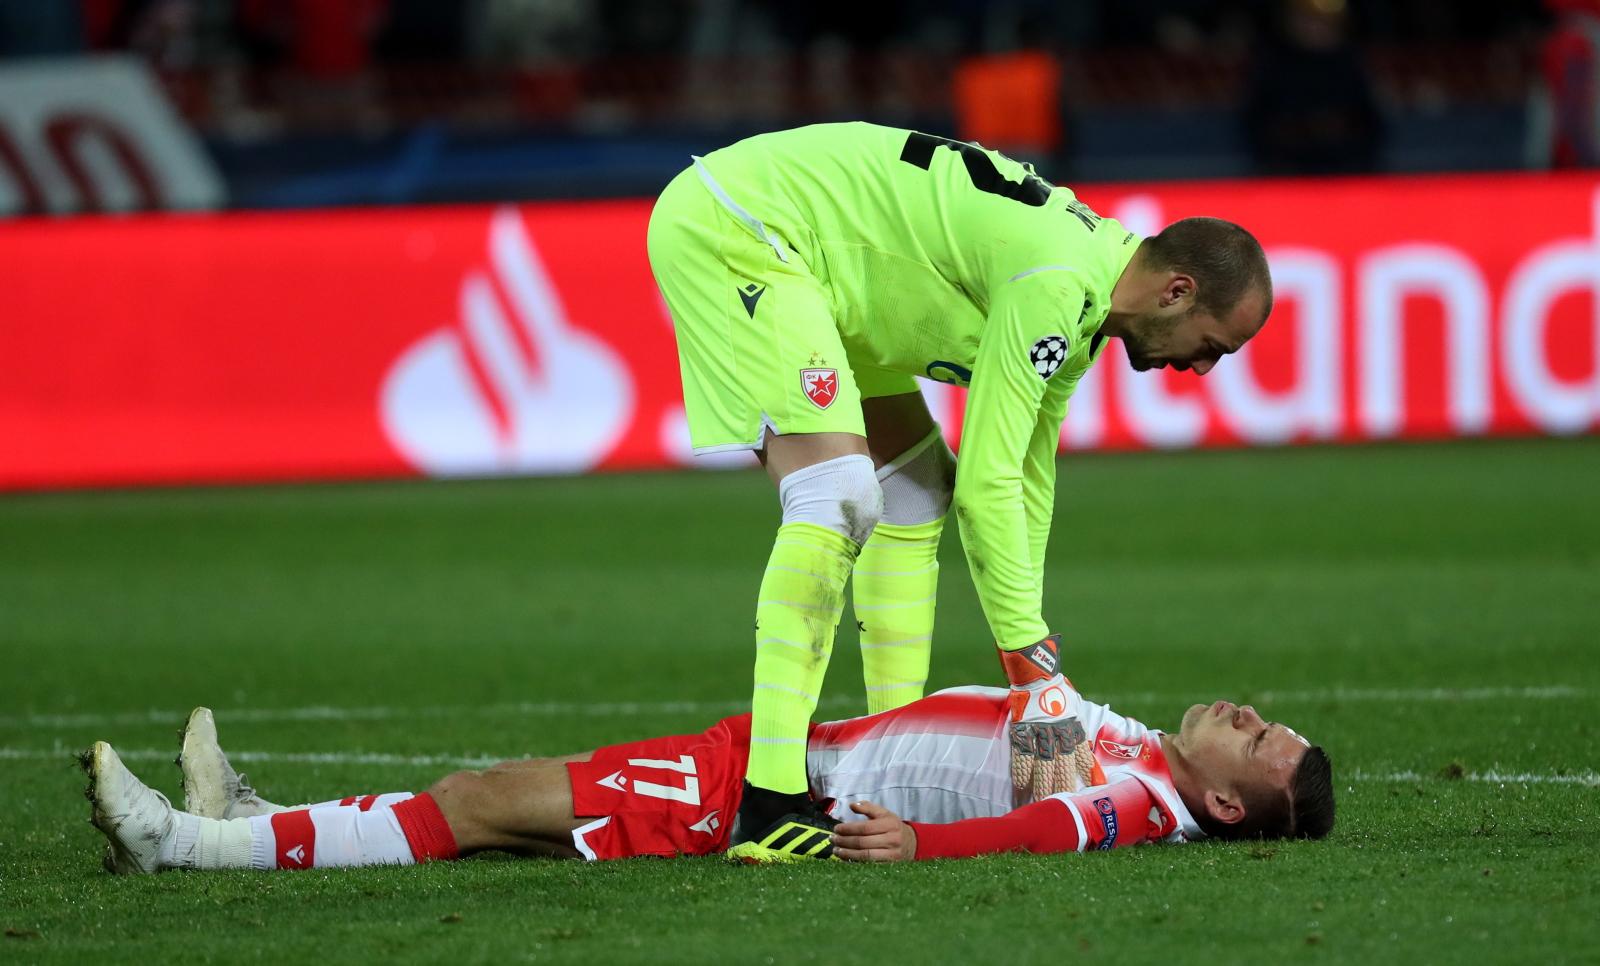 Liga Mistrzów. Crvena Zvezda - Bayern. Lewandowski wbił mu cztery gole. Milan Borjan przeprasza kibiców - Sport WP SportoweFakty